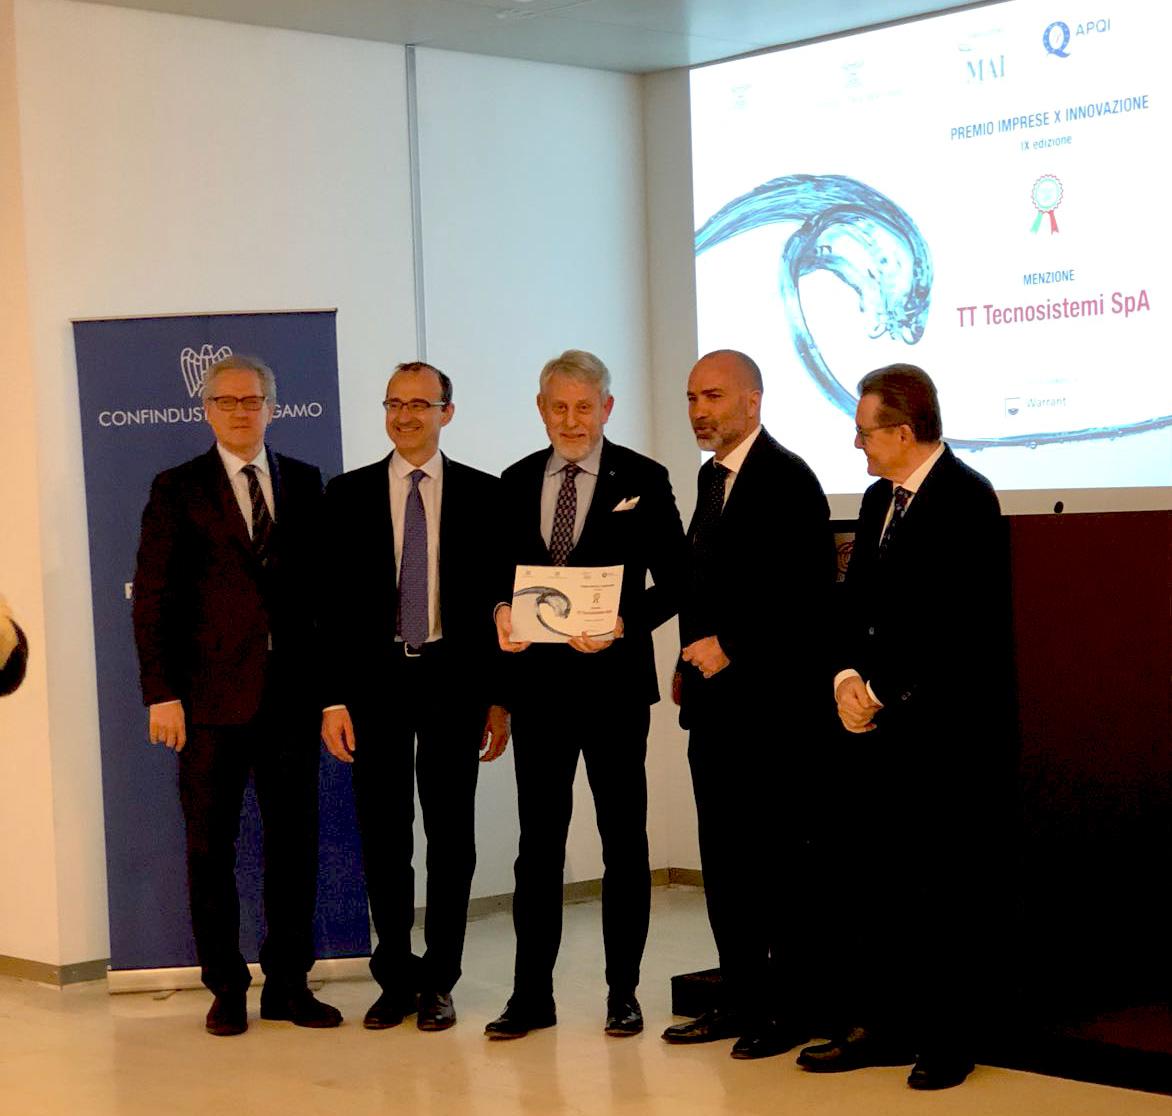 Premio Imprese X Innovazione, TT Tecnosistemi tra le top 12 aziende italiane